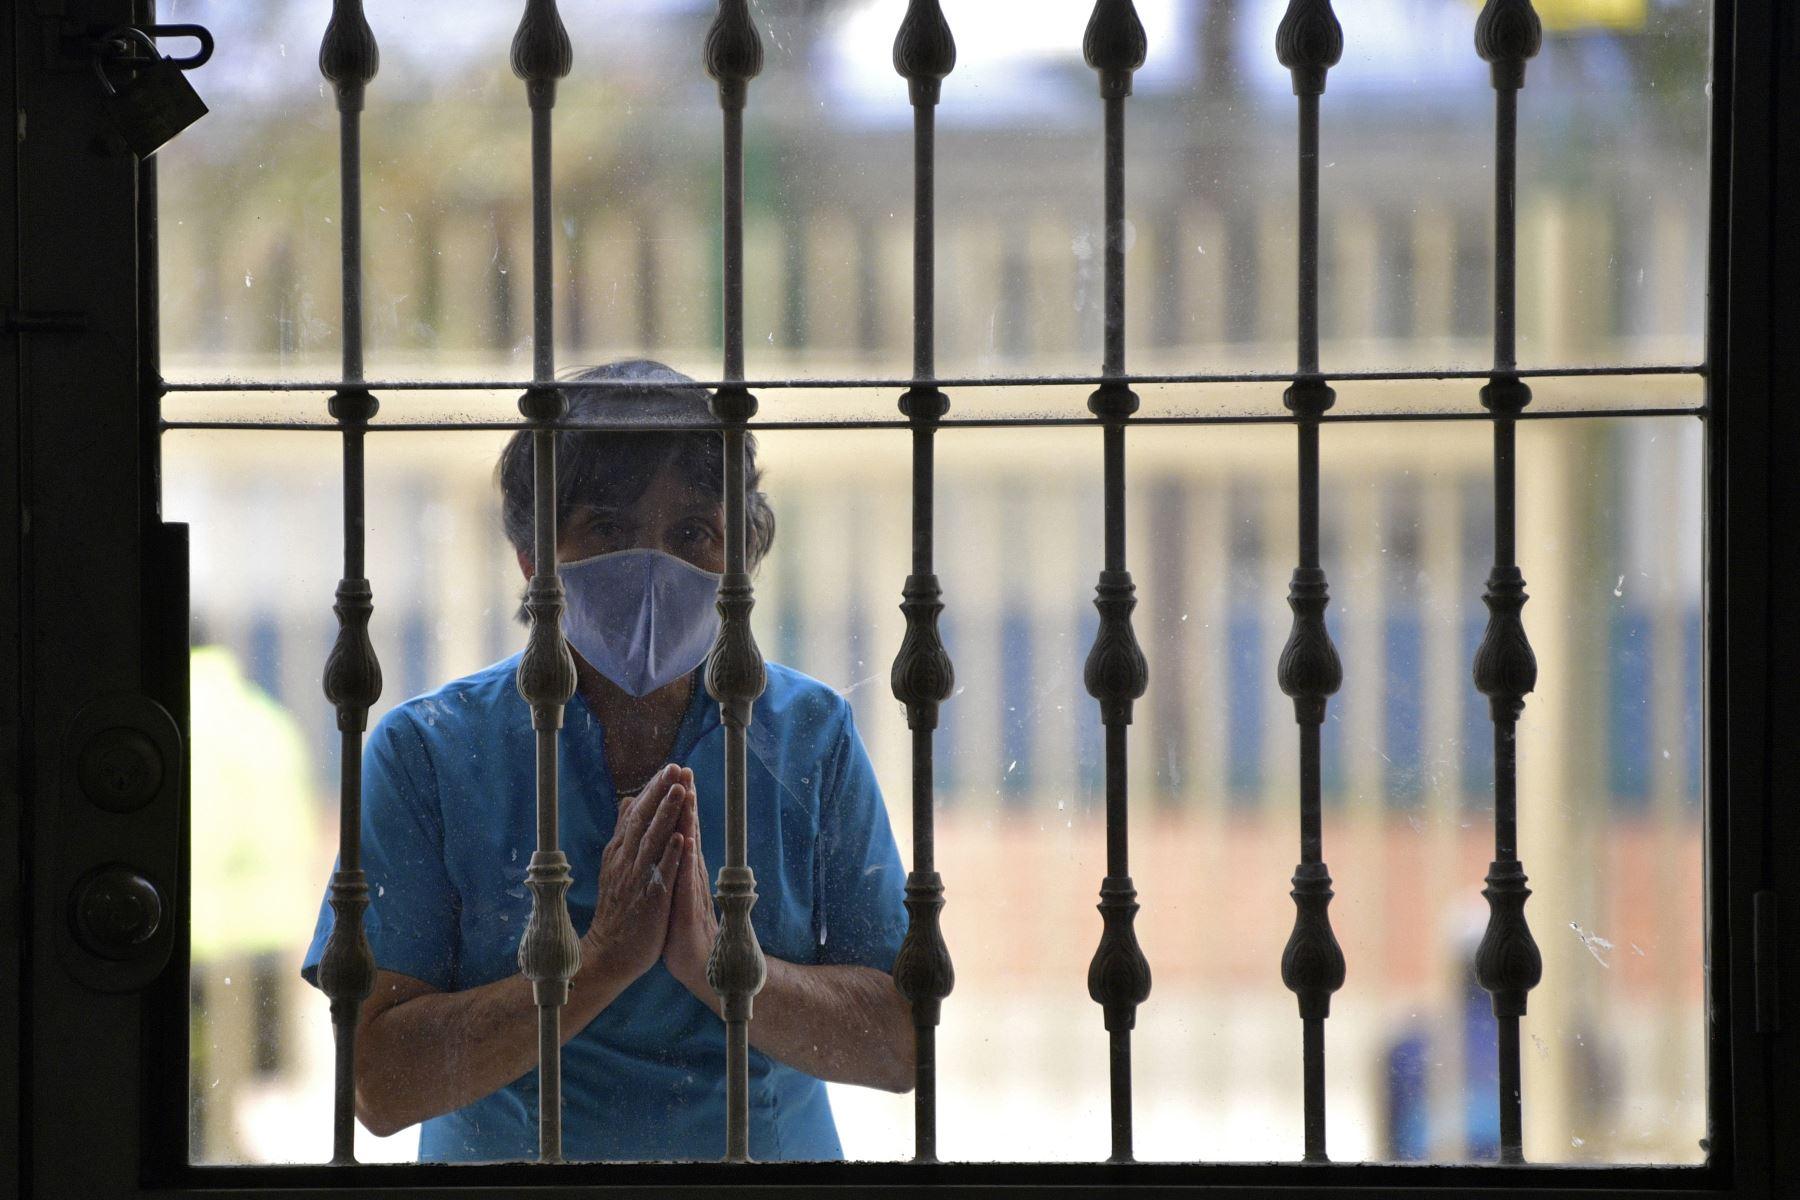 Un feligrés reza frente a la Catedral Parroquial Jesucristo Nuestra Paz durante la romería de la figura del